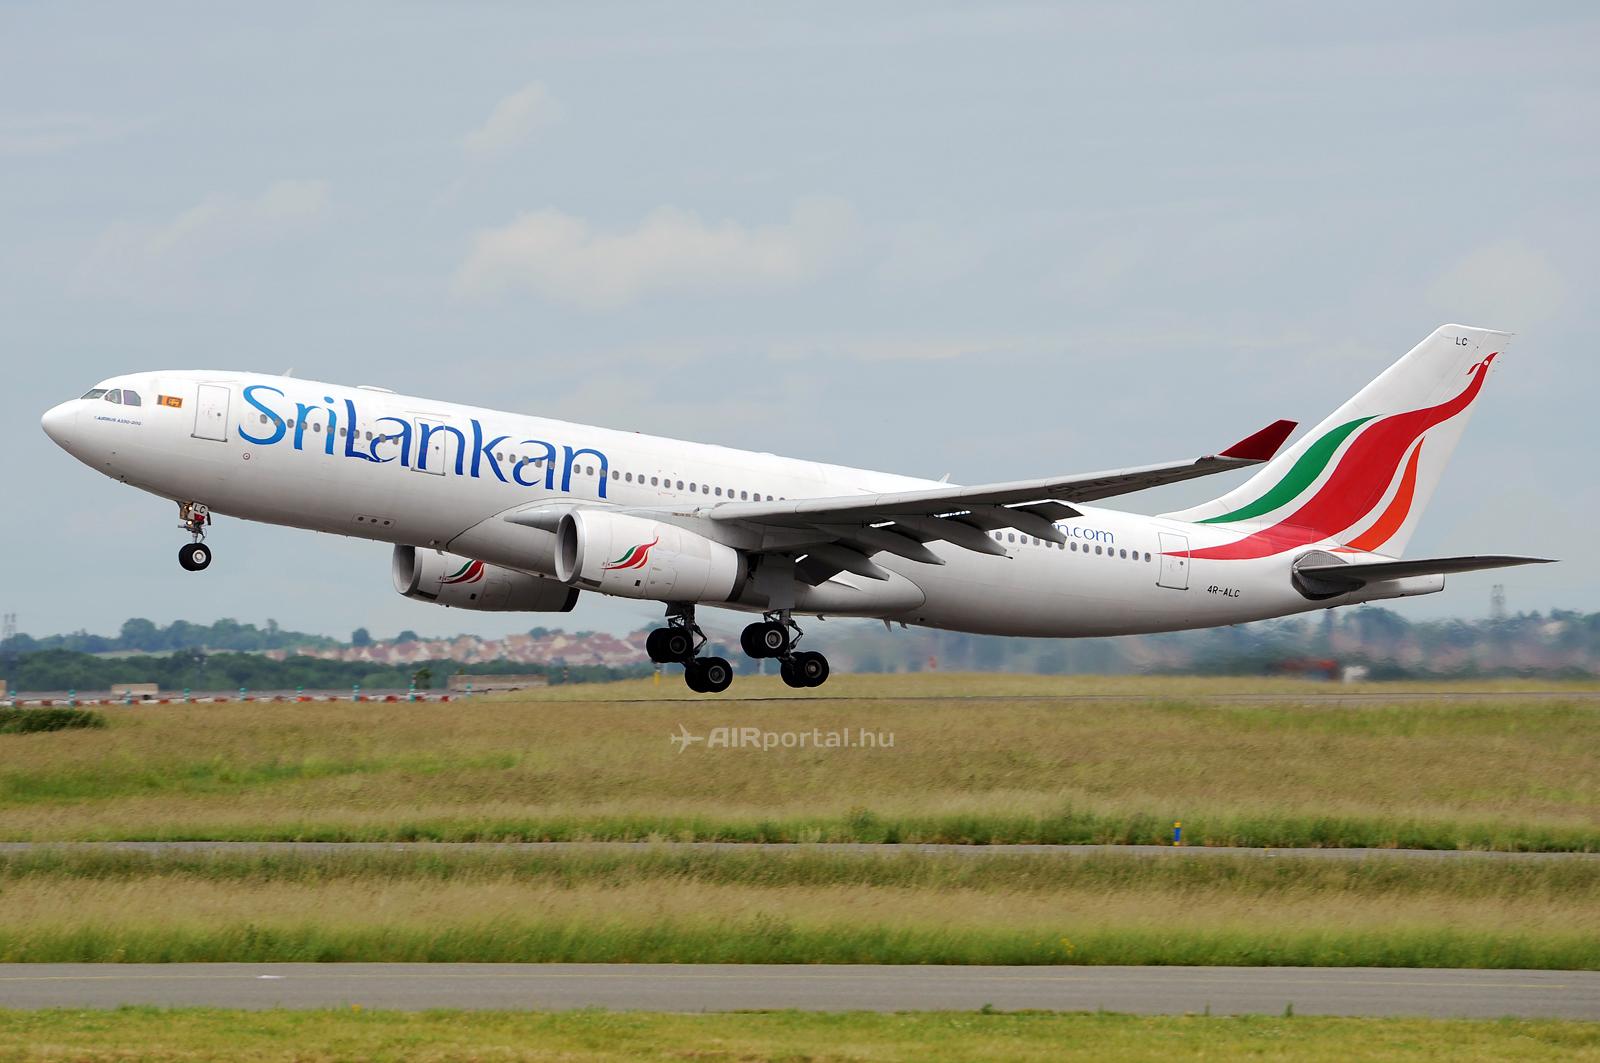 A Sri Lankan több európai nagyvárosba üzemeltet járatokat. Képünkön a társaság egyik Airbus A330-as repülőgép száll fel a párizsi Charles De Gaulle repülőtérről. (Fotó: Kovács Gábor - AIRportal.hu)   © AIRportal.hu